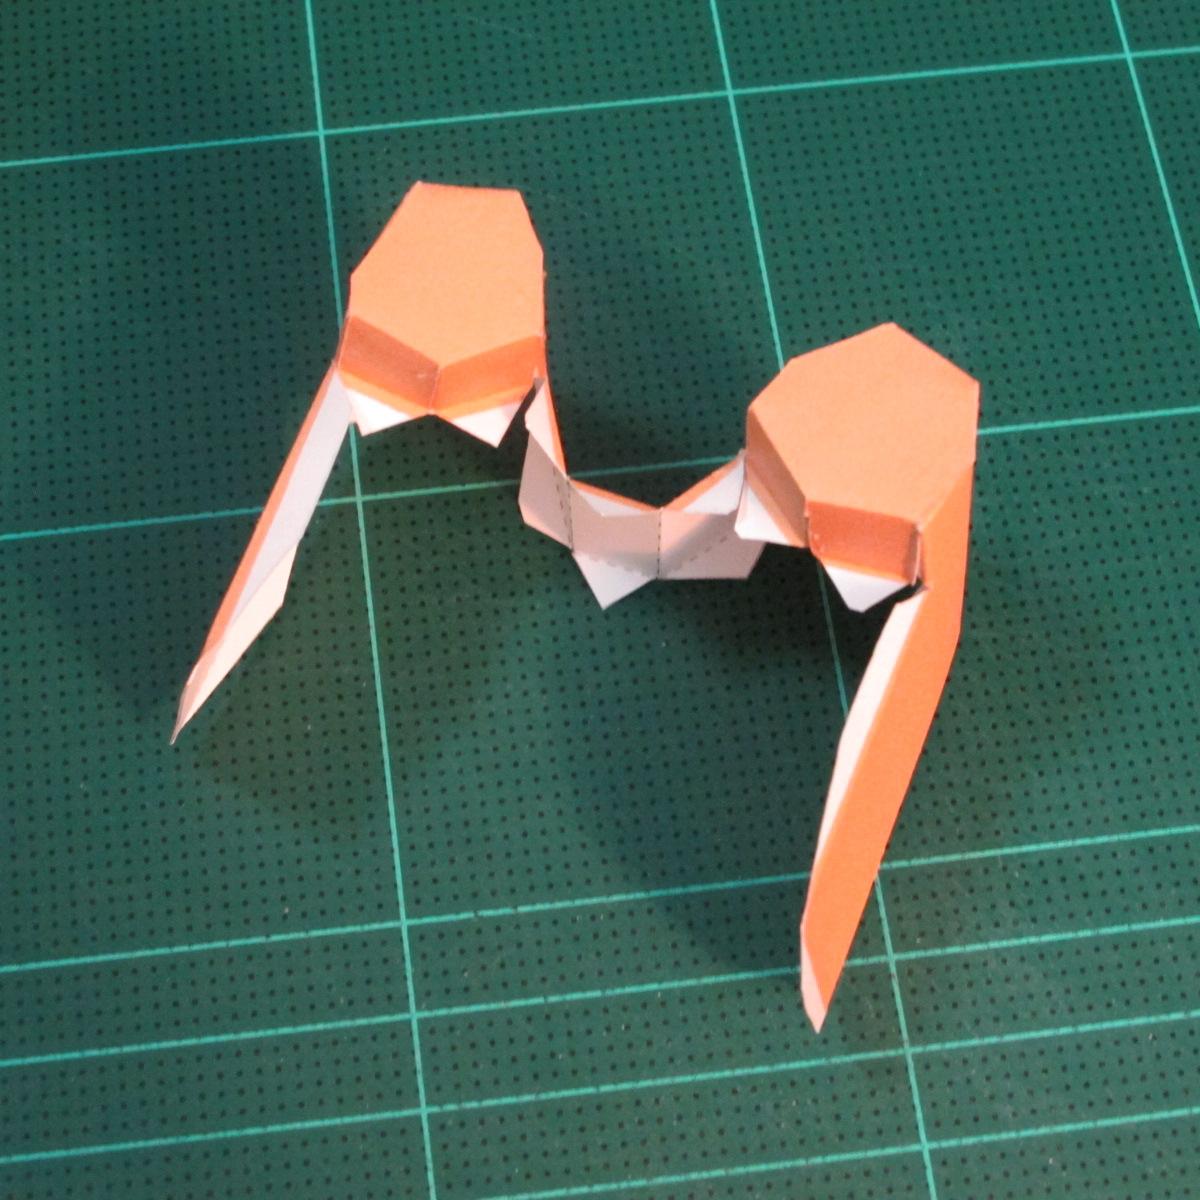 วิธีทำโมเดลกระดาษตุ้กตาคุกกี้รัน คุกกี้ผู้กล้าหาญ แบบที่ 2 (LINE Cookie Run Brave Cookie Papercraft Model Version 2) 009